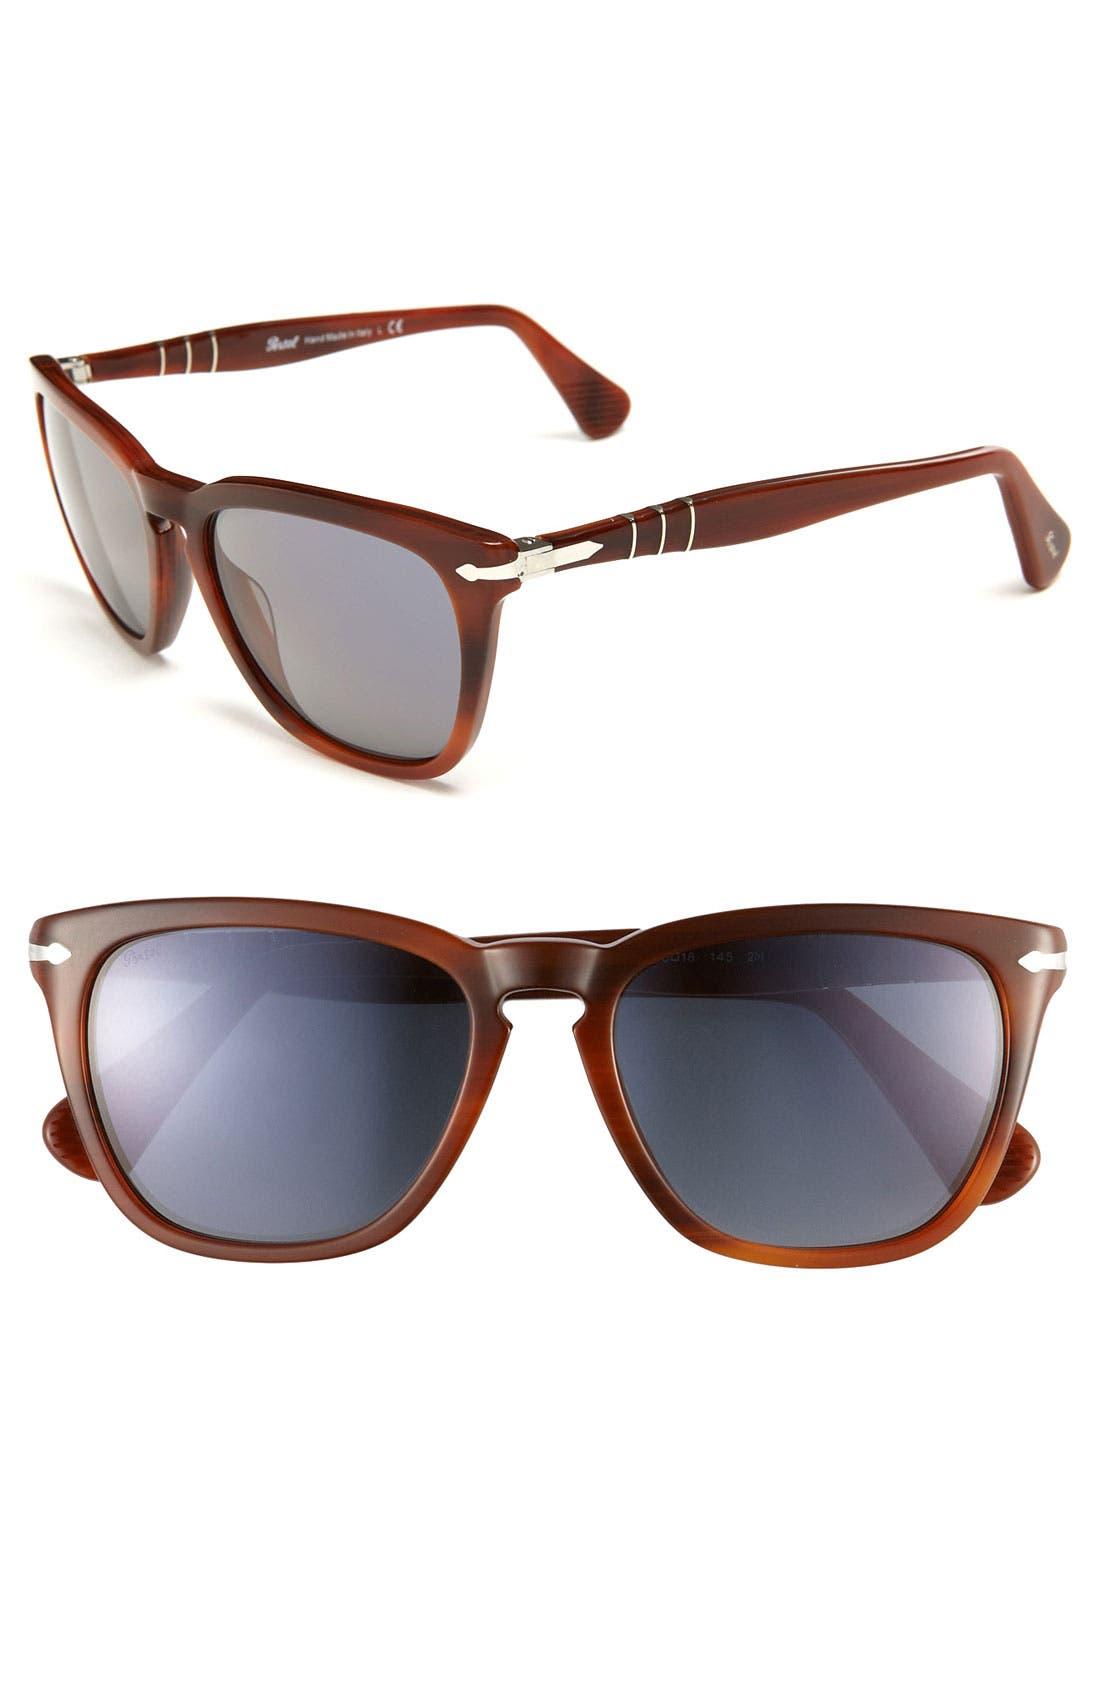 Alternate Image 1 Selected - Persol 'Capri' 55mm Sunglasses